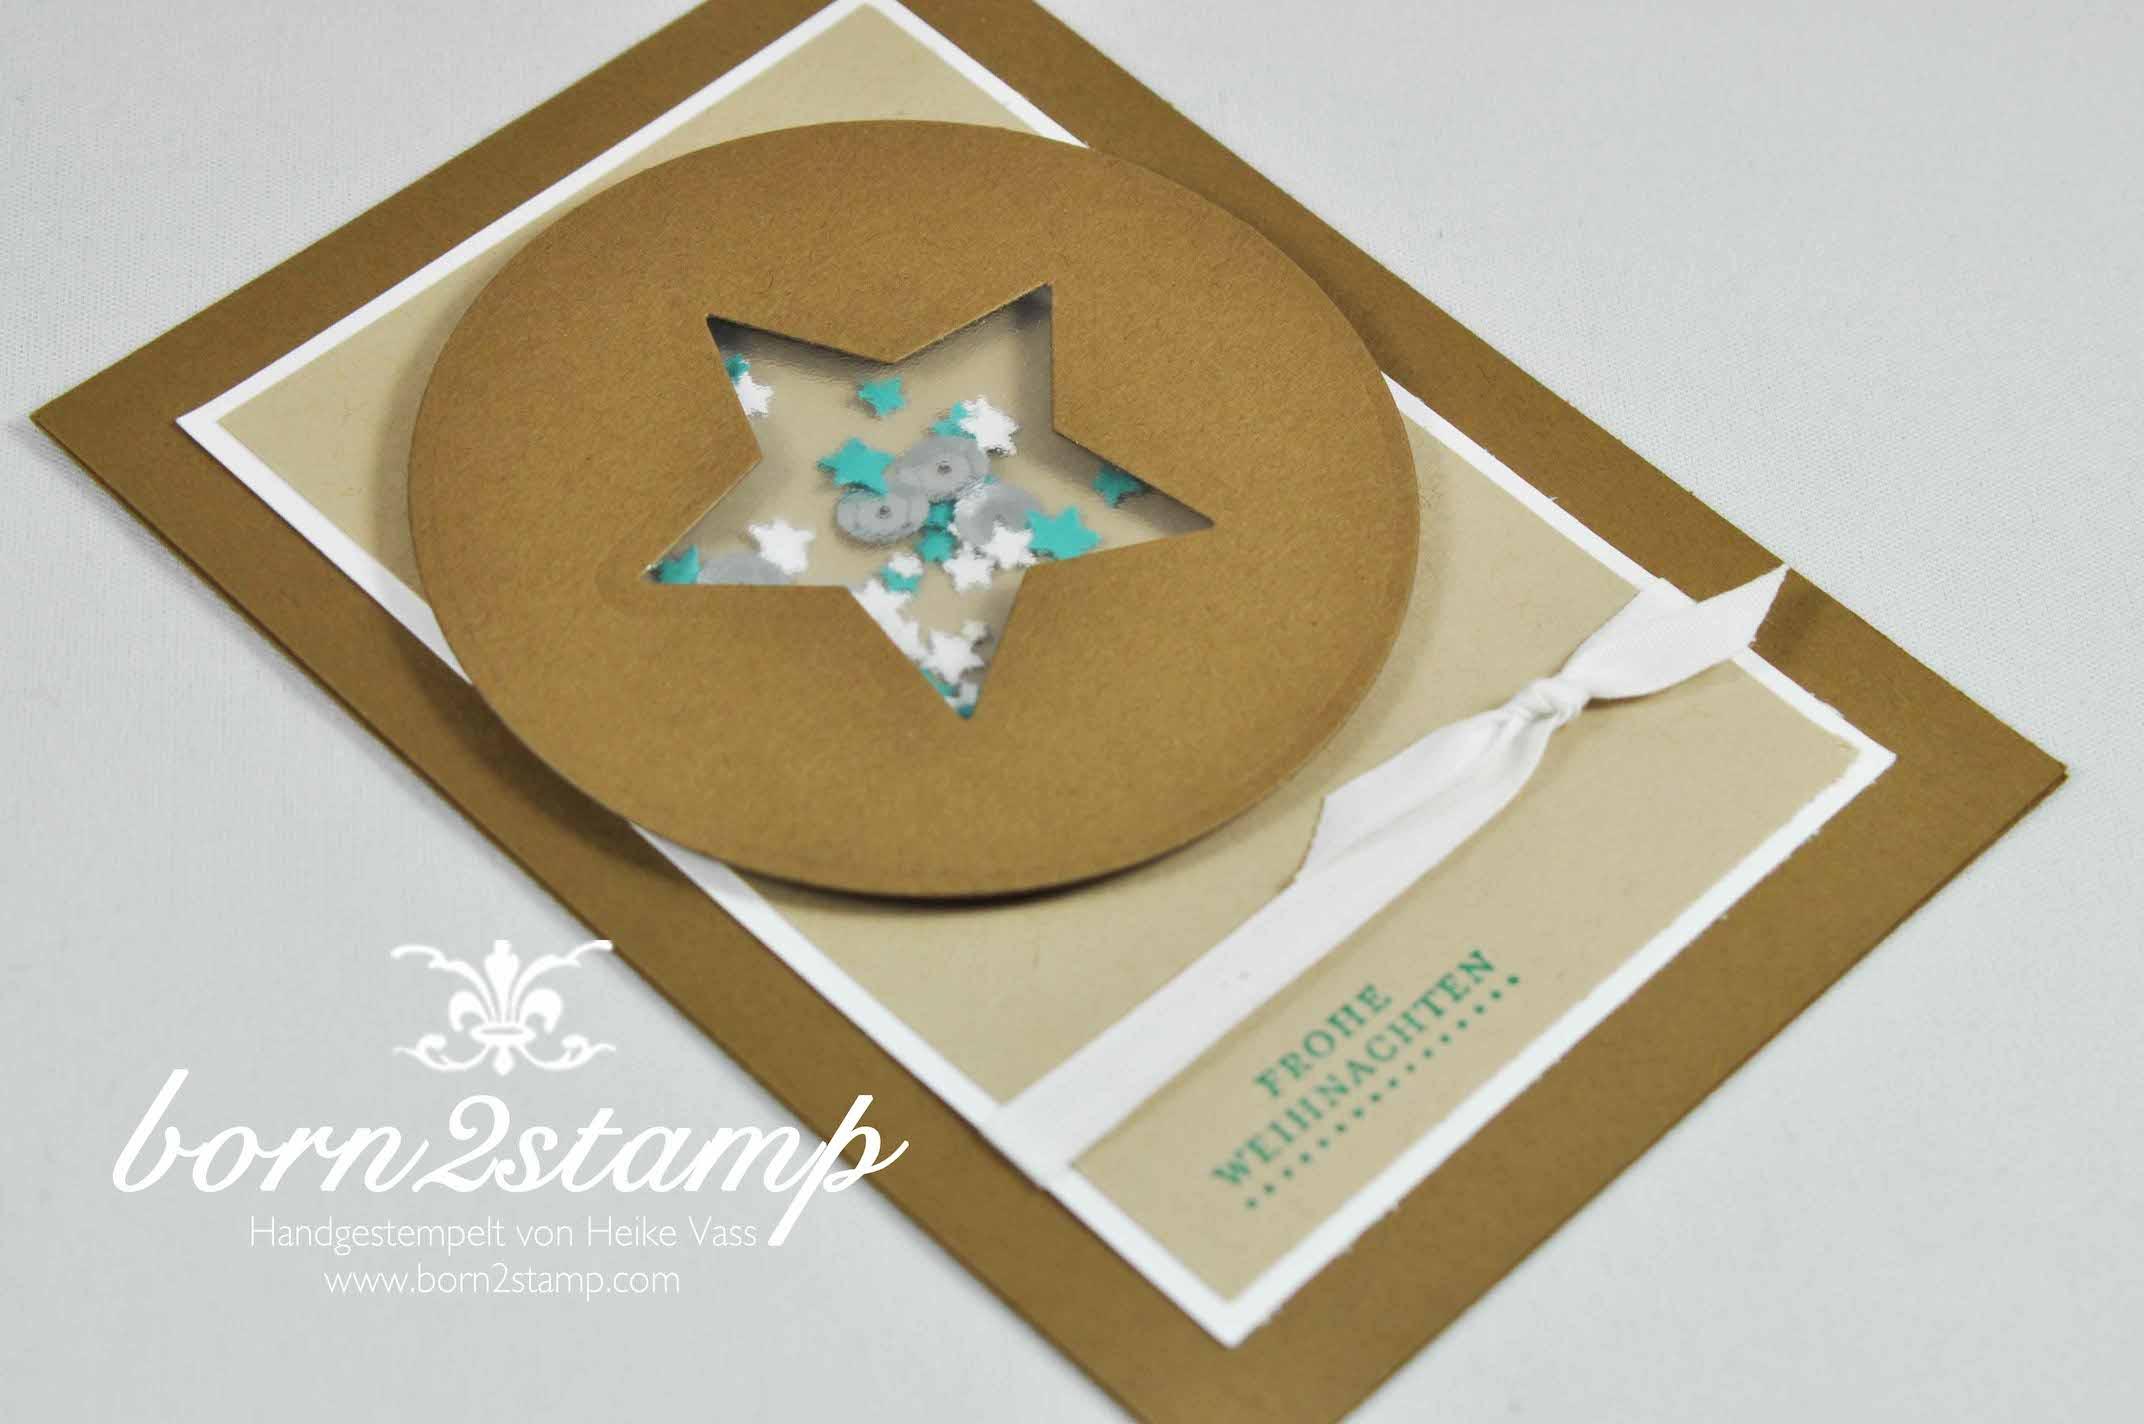 STAMPIN' UP! born2stamp Weihnachtskarte Kleine Wuensche Sternenkonfetti Pailletten Eisglitzer Framelits Stern-Kollektion Kreis-Kollektion Baumwollband